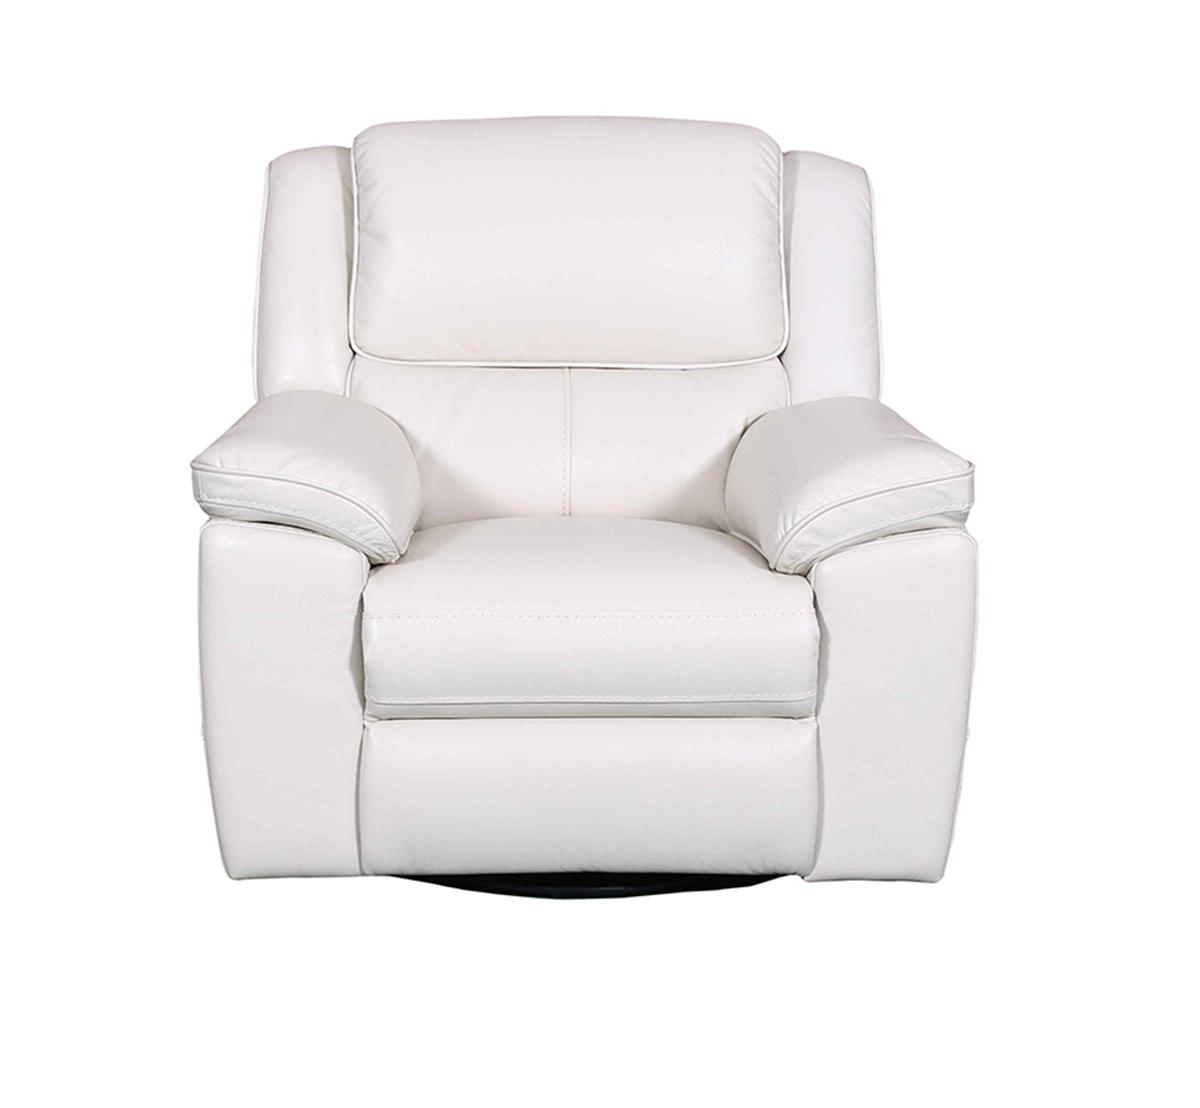 Barcalounger Laguna Swivel Glider Recliner Chair